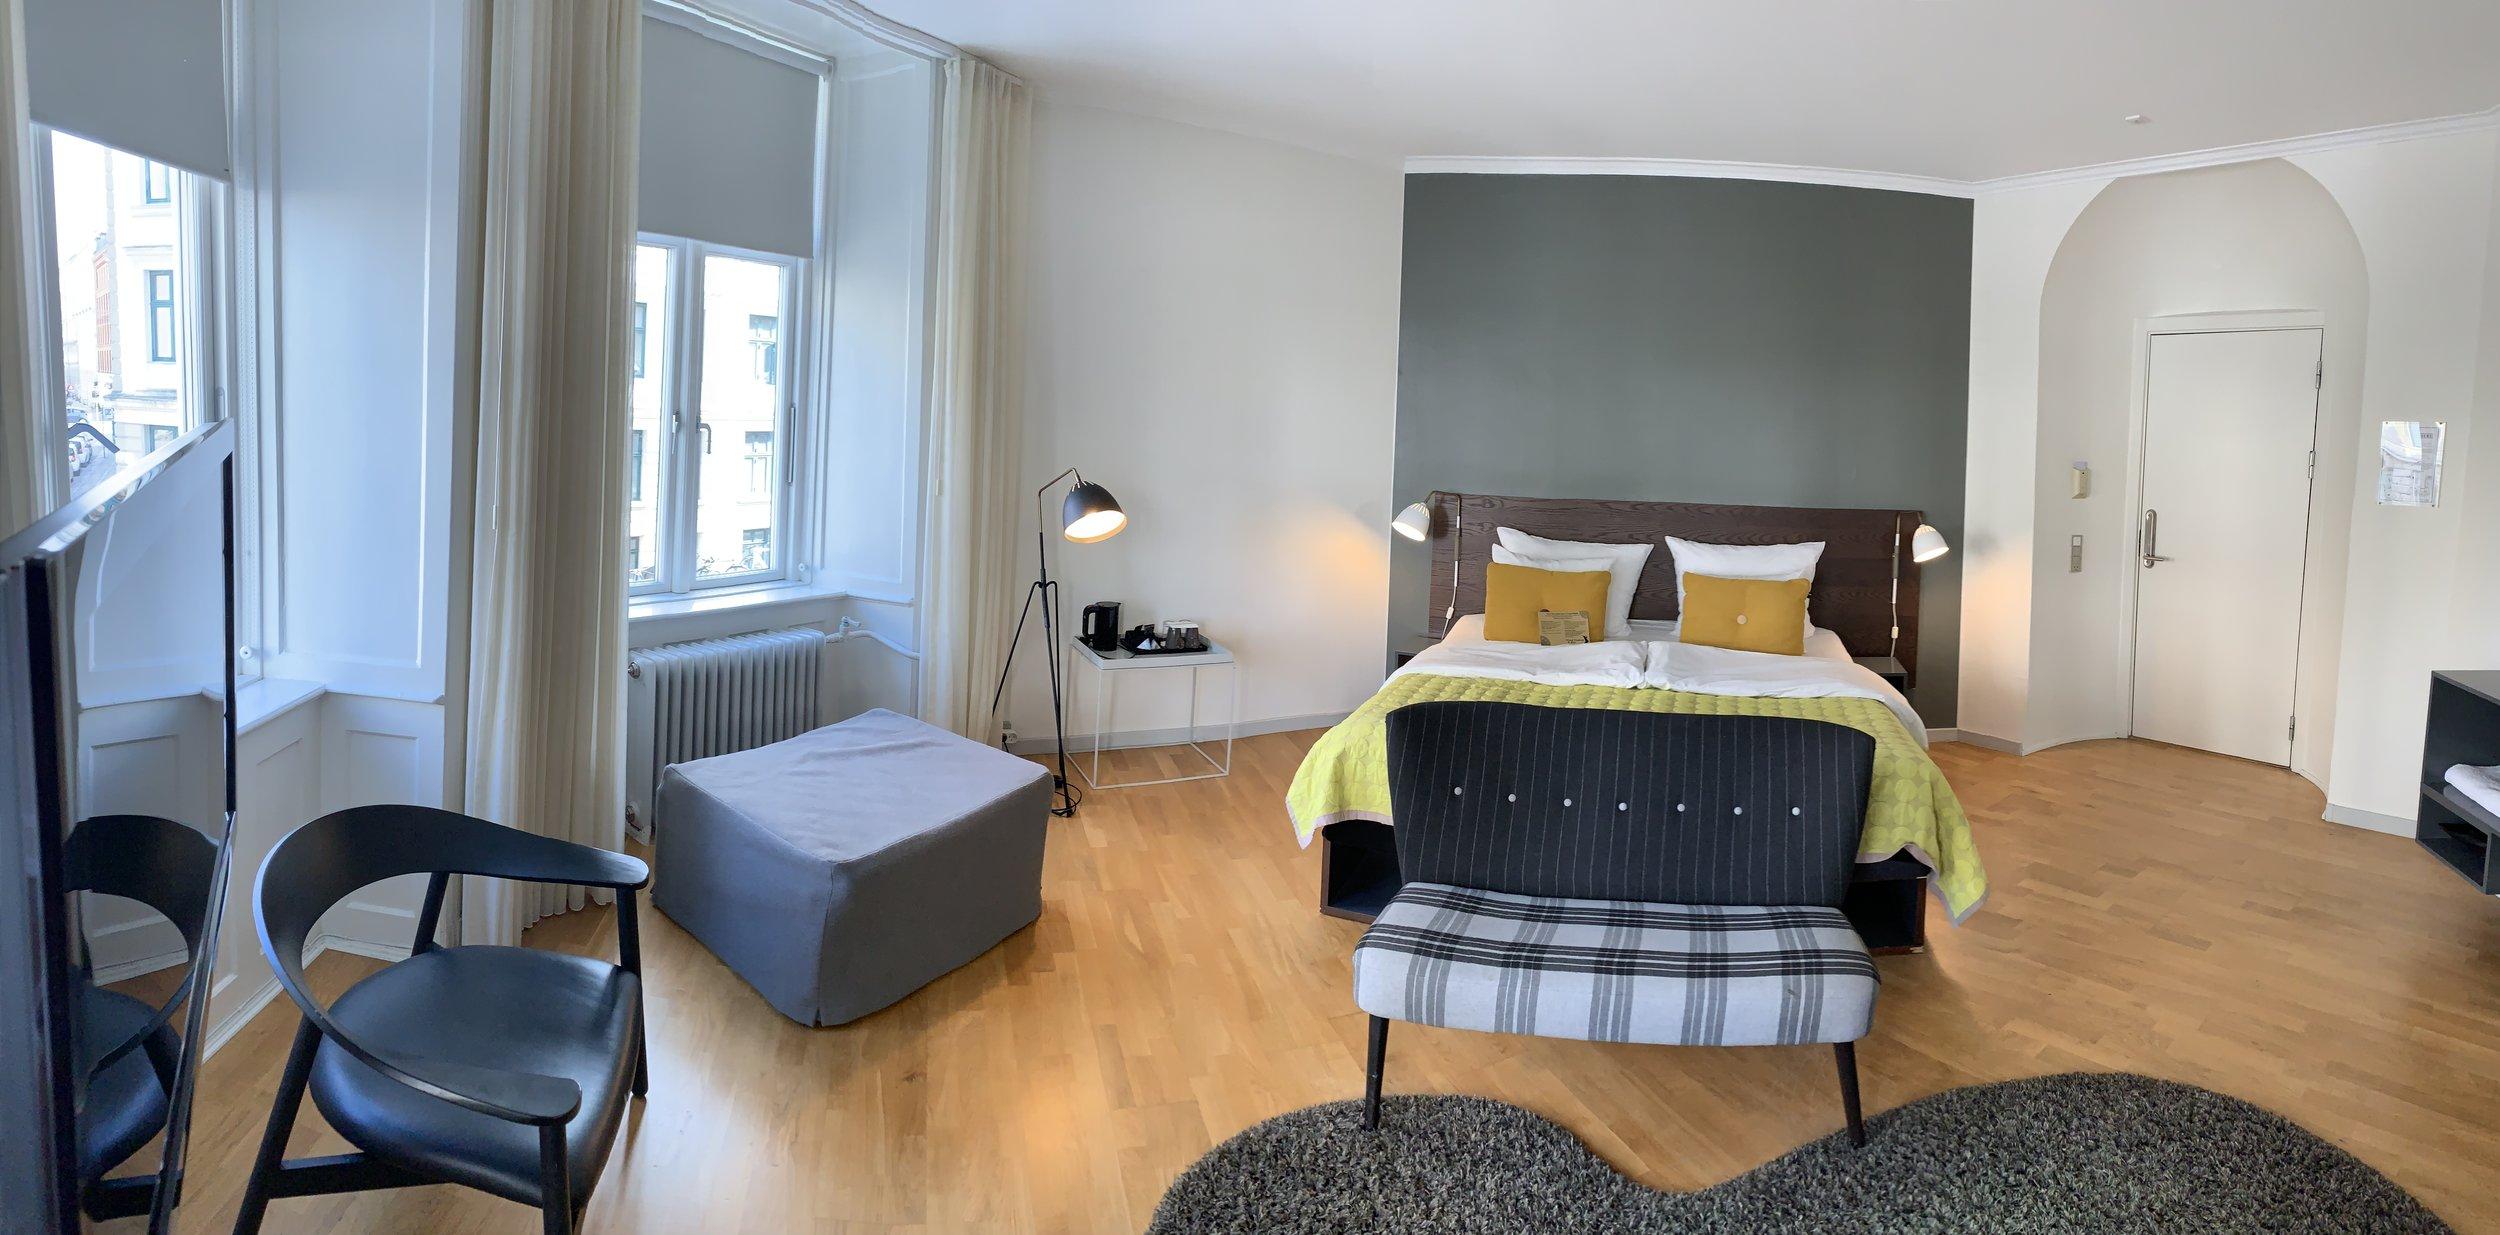 Et deilig og lyst hotellrom med retroinspirert design. Veldig gode senger og et fint bad trekker opp.                            Foto: Odd RoarLange